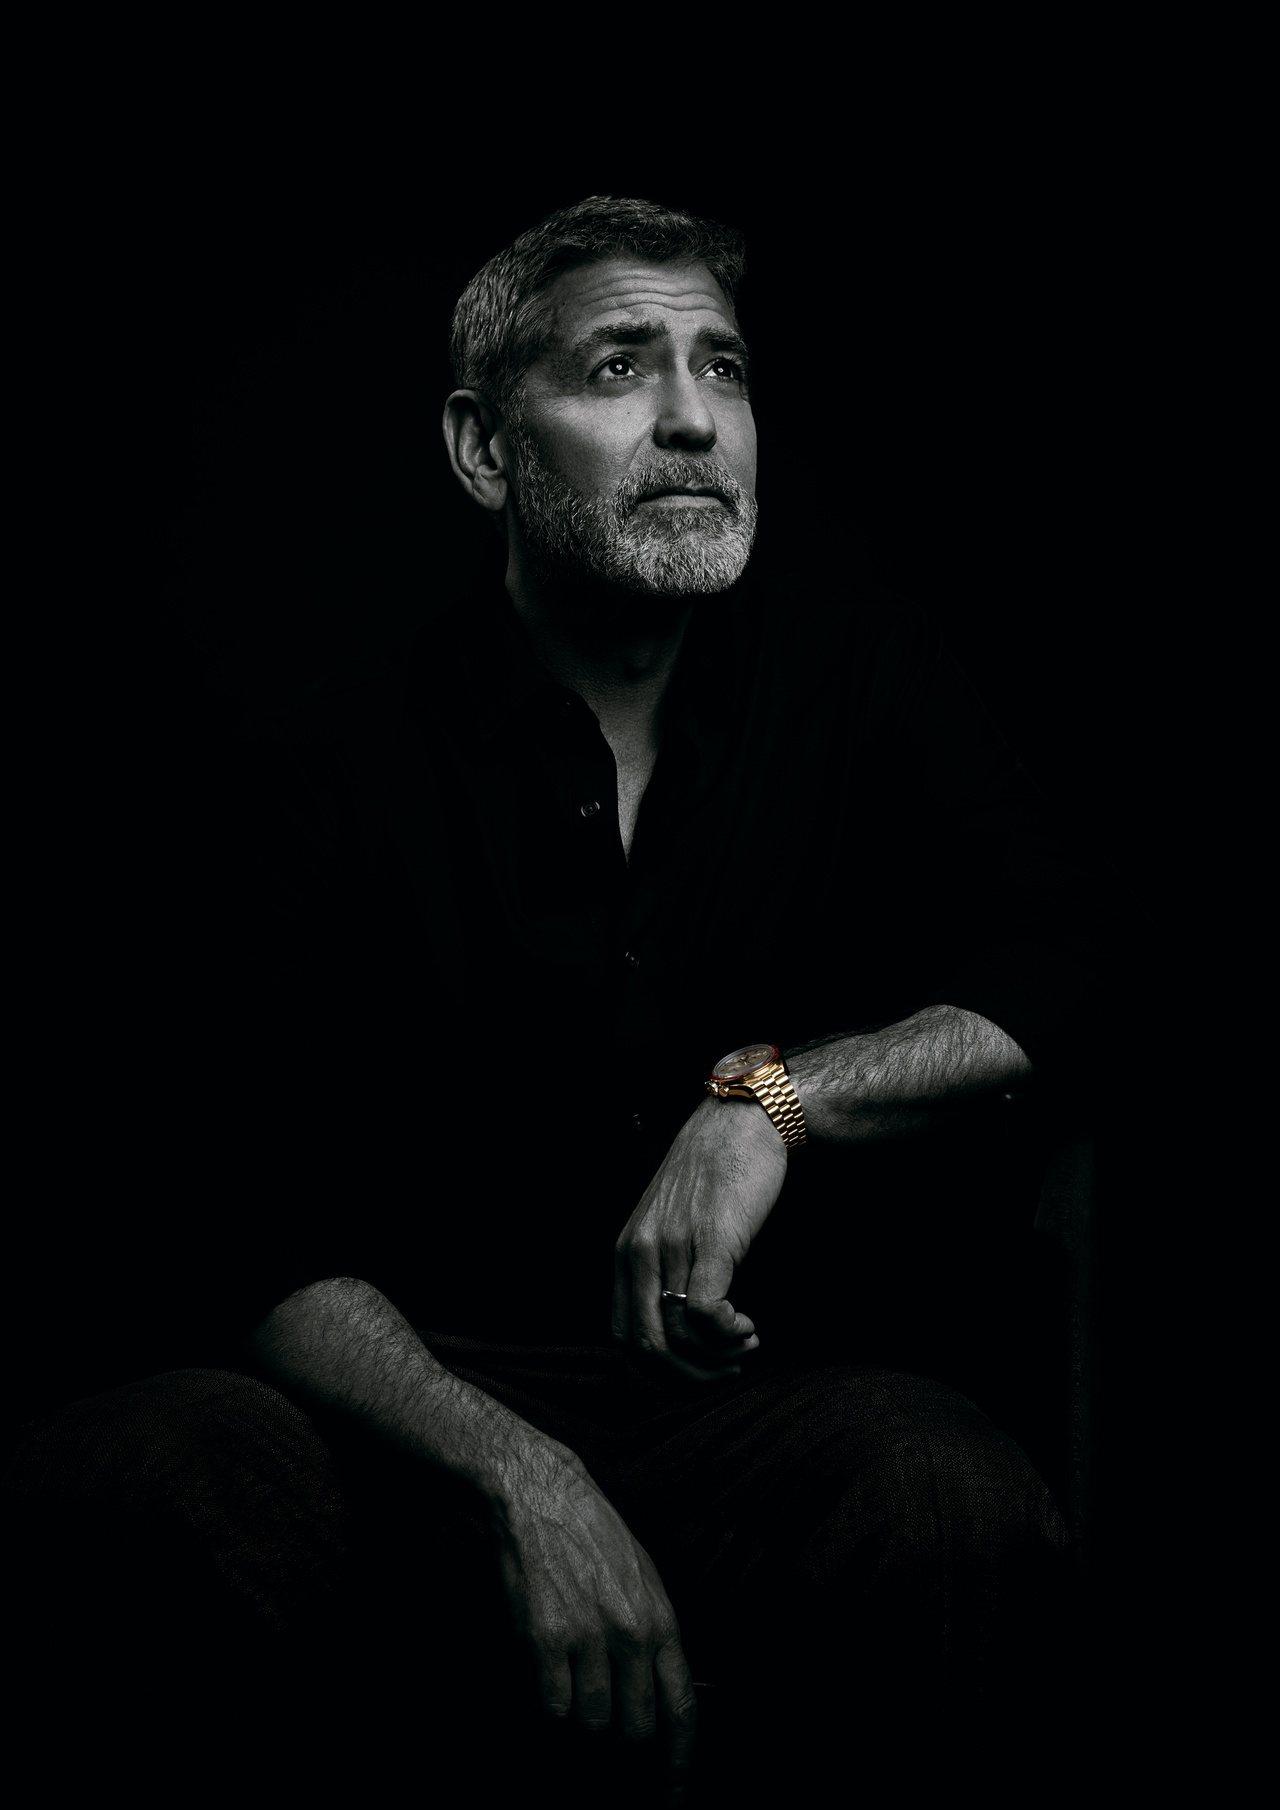 品牌代言人喬治克隆尼演繹超霸阿波羅11號50週年Moonshine™金限量版腕表...